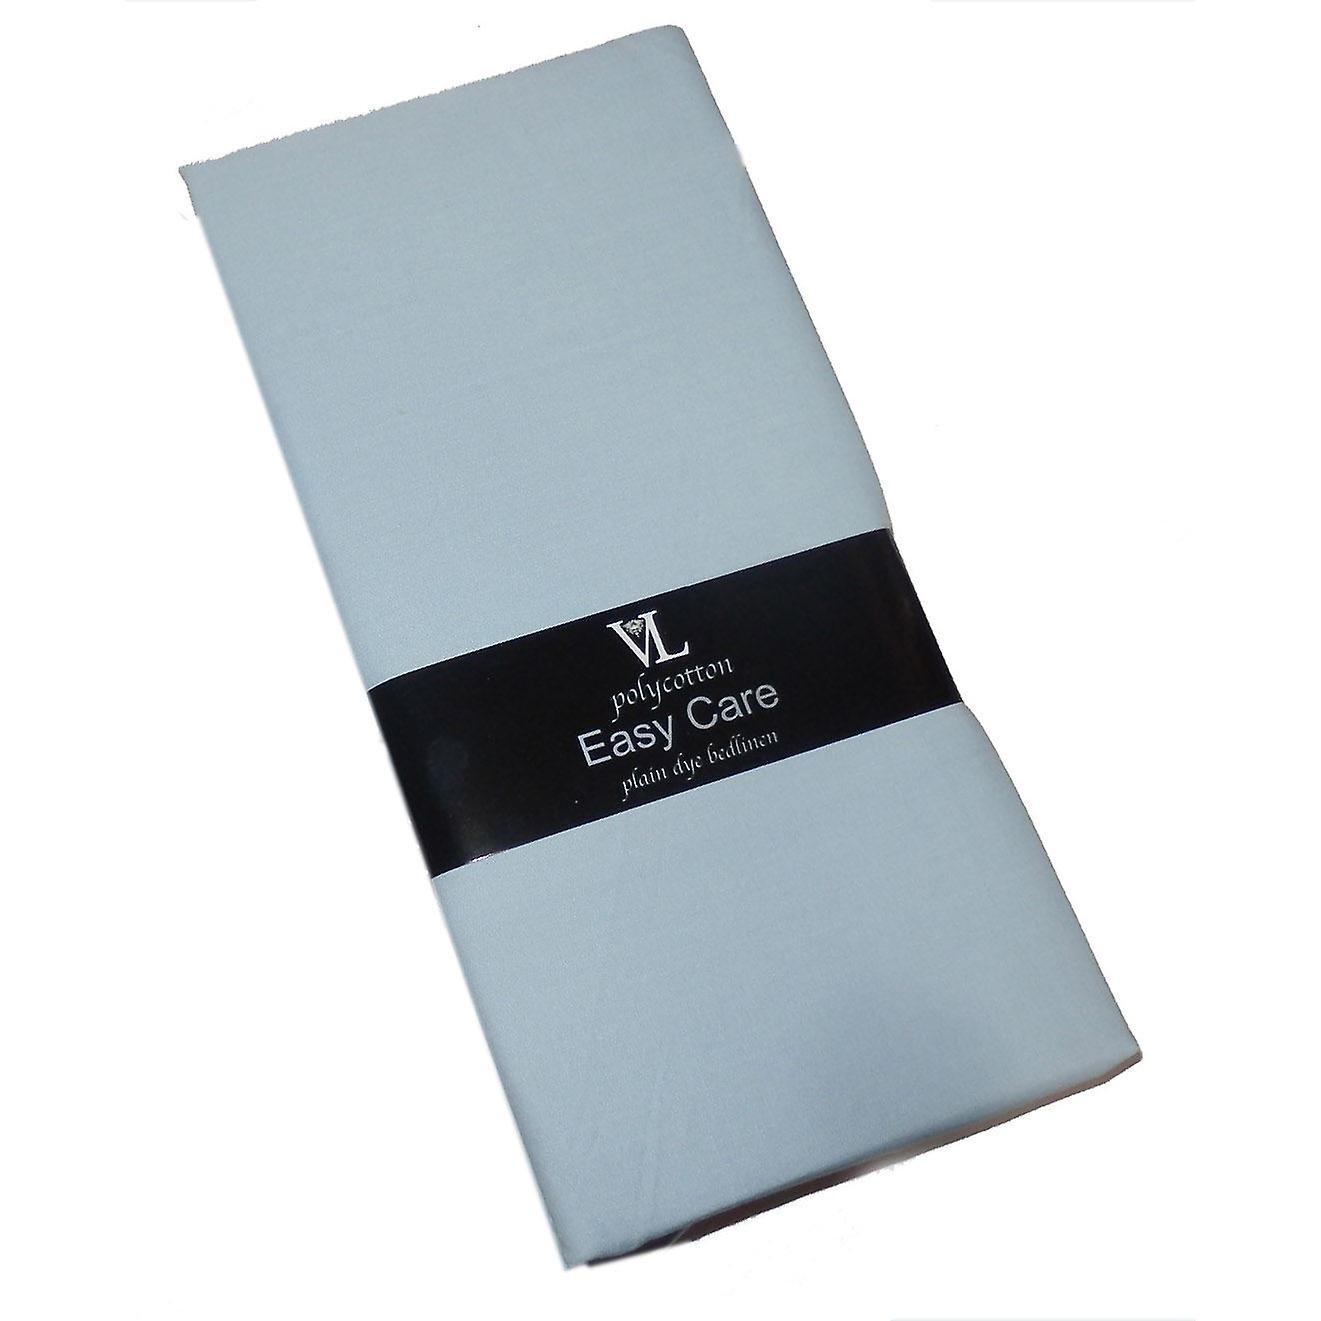 Victoria London Single Duvet Cover Plain Sky Blue  Easycare Polycotton